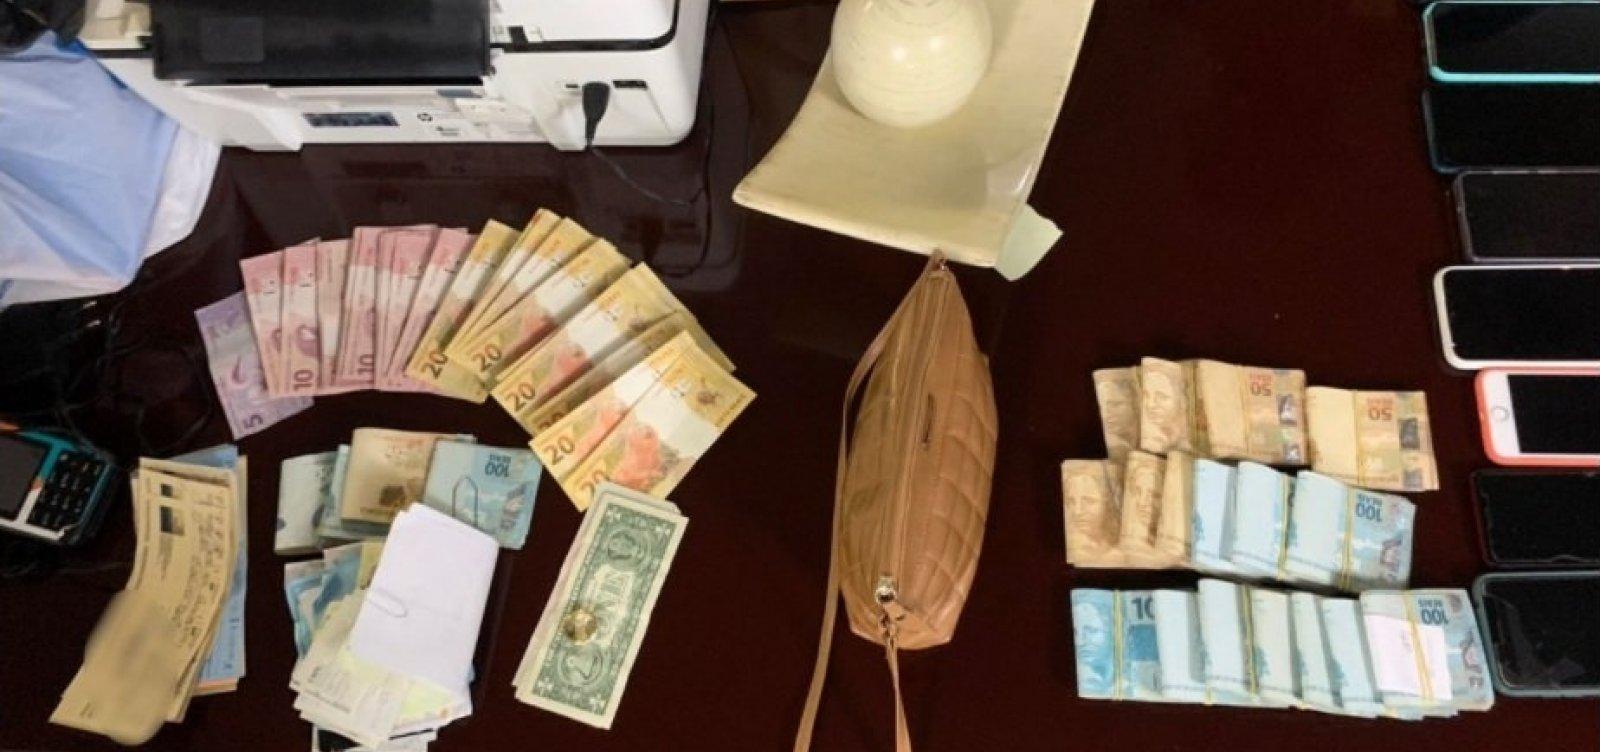 Polícia descobre casa de prostituição que sorteava mulheres por meio de rifas em Salvador